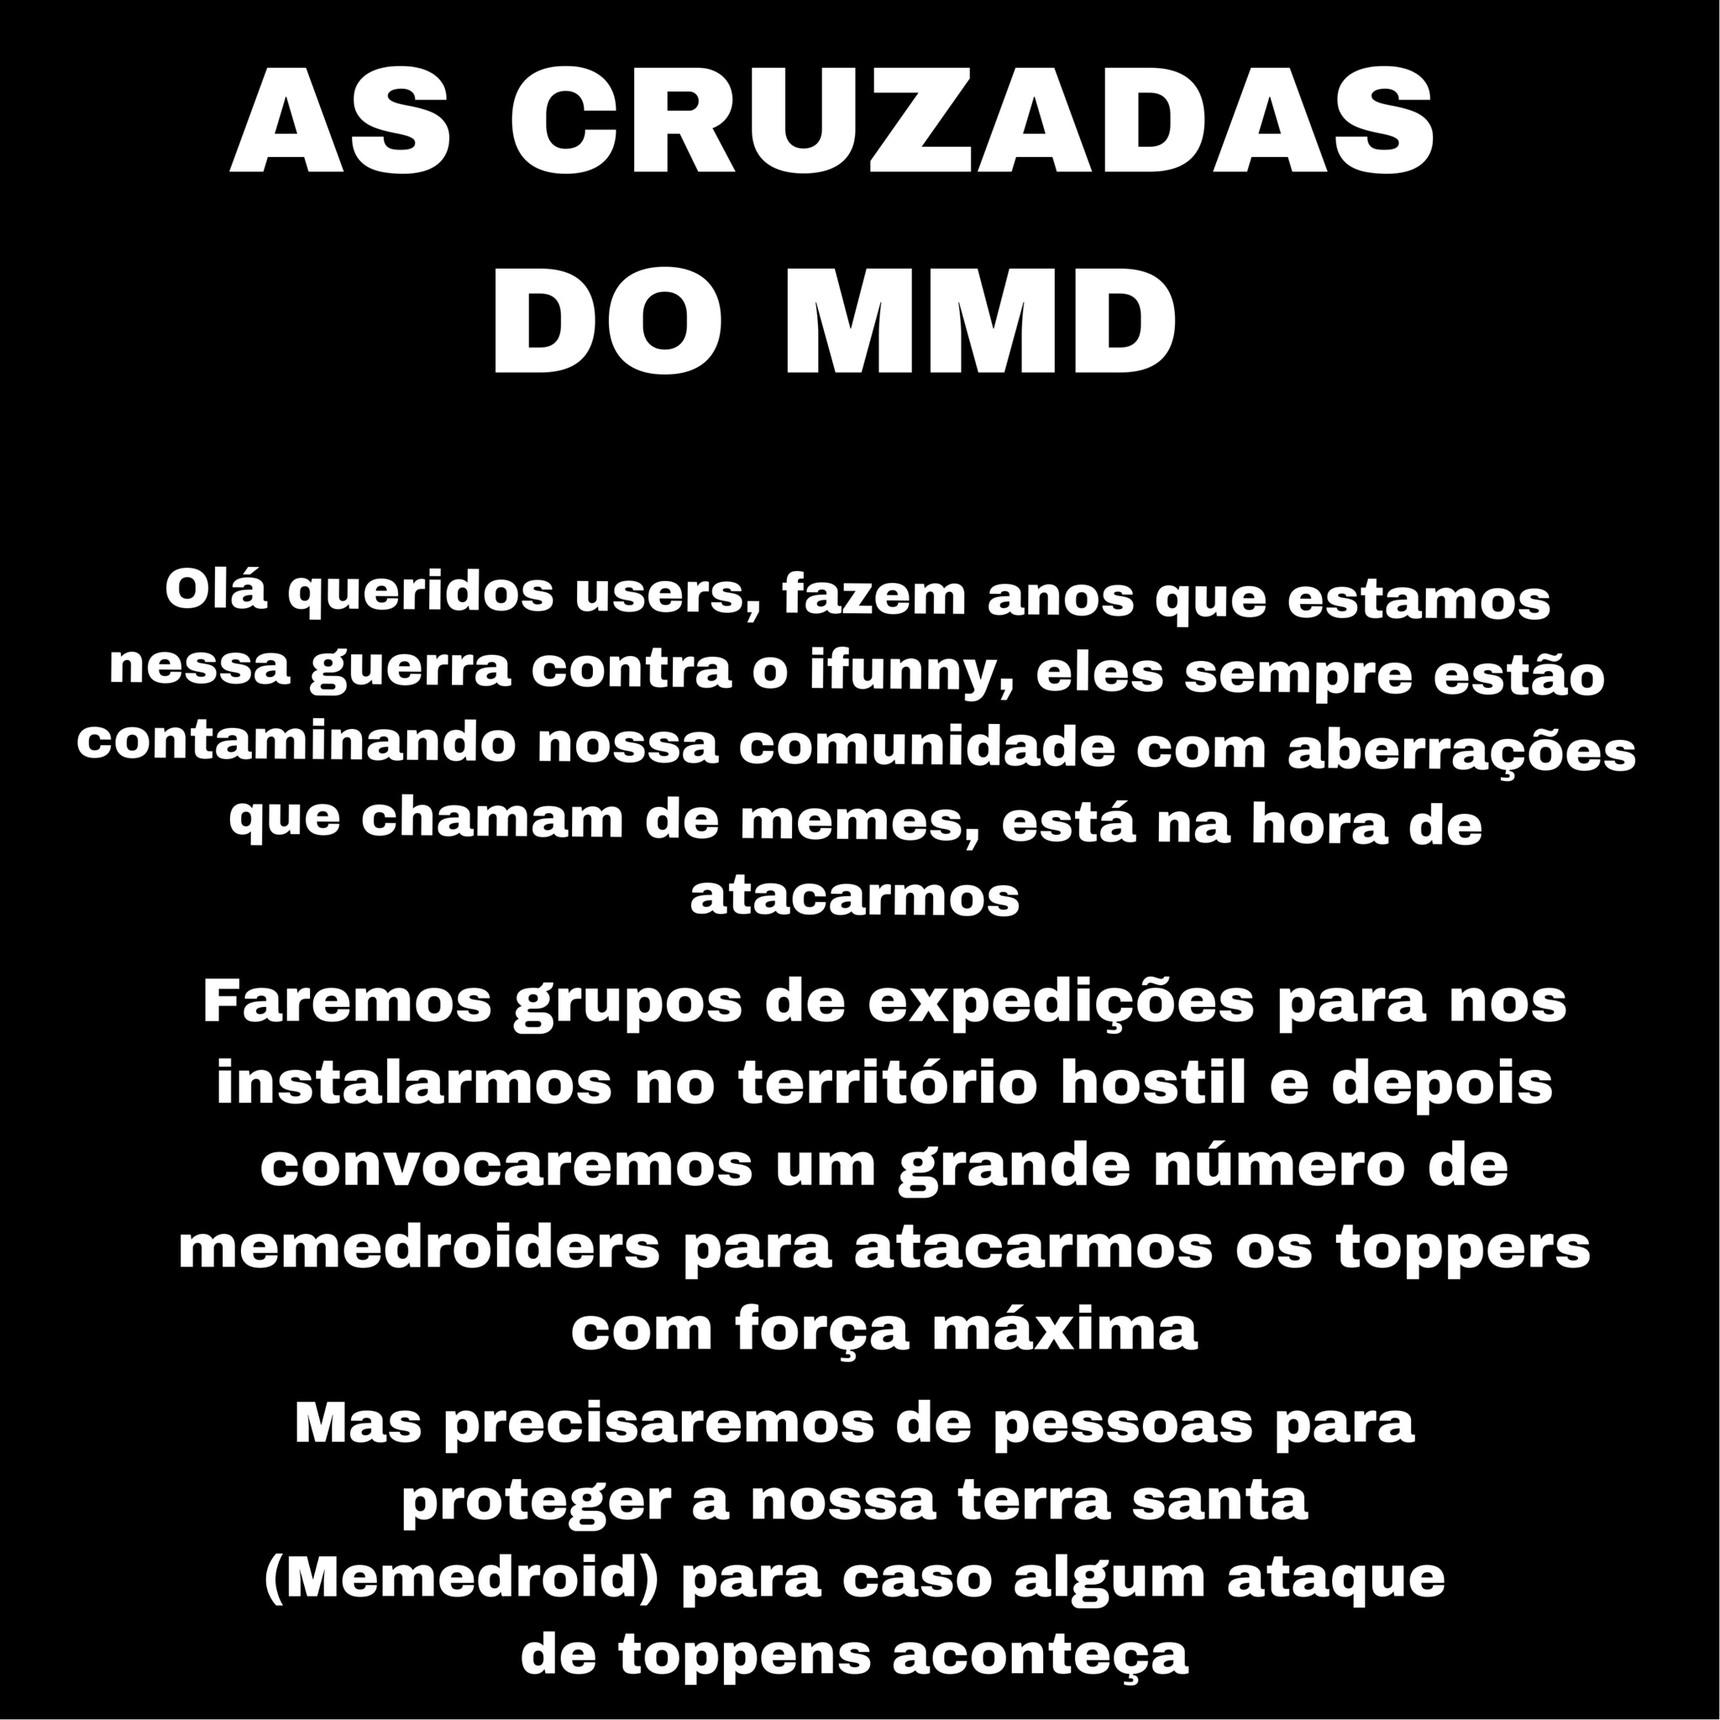 cruzadas do MMD pt1 - meme